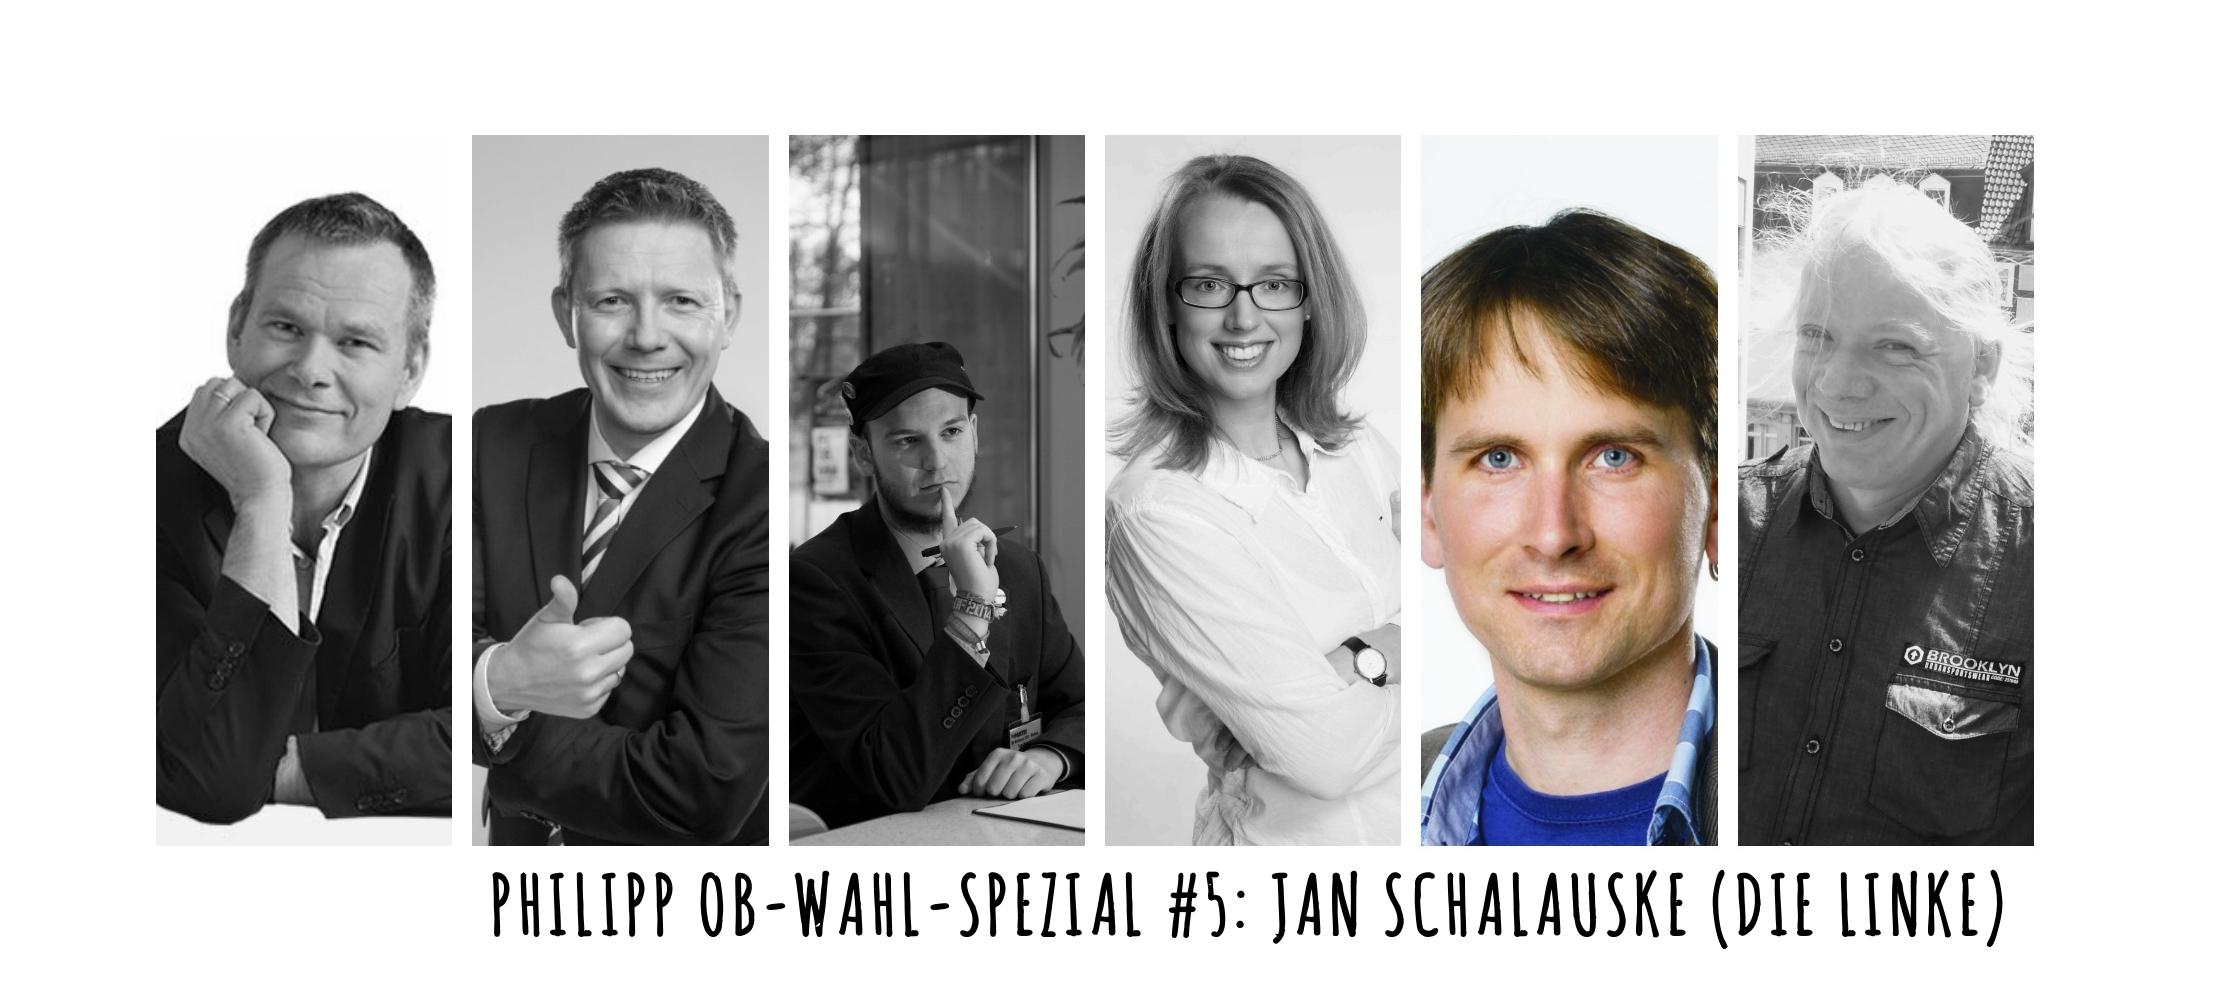 OB-Wahl-2015-Spezial #5: Jan Schalauske (Die Linke)